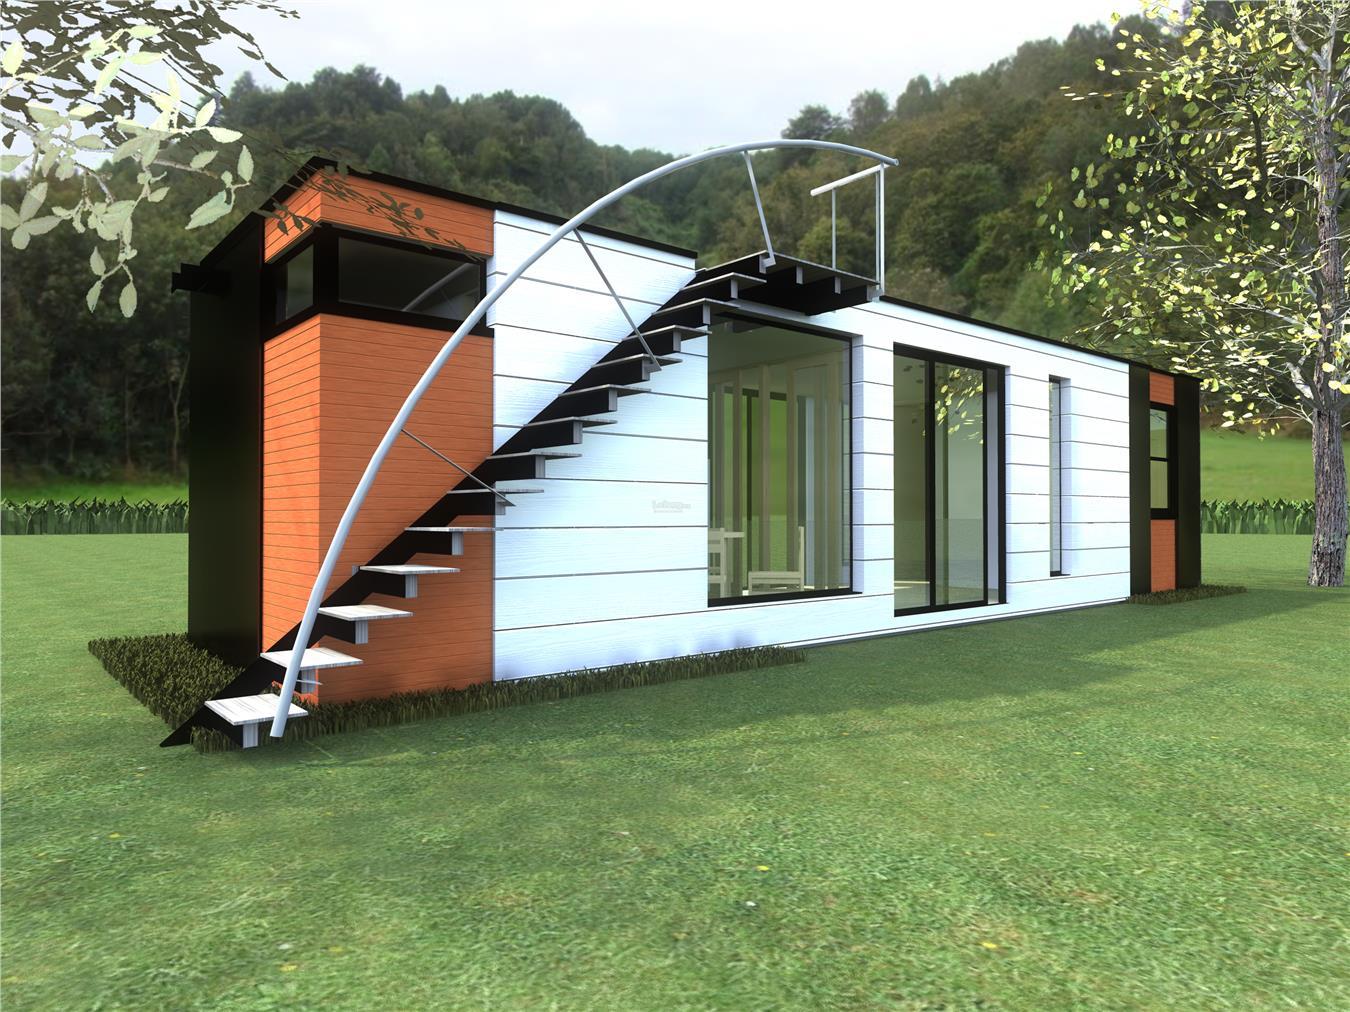 Tiny Home Designs: Modular Prefab Tiny House(design & B (end 8/23/2019 9:15 AM